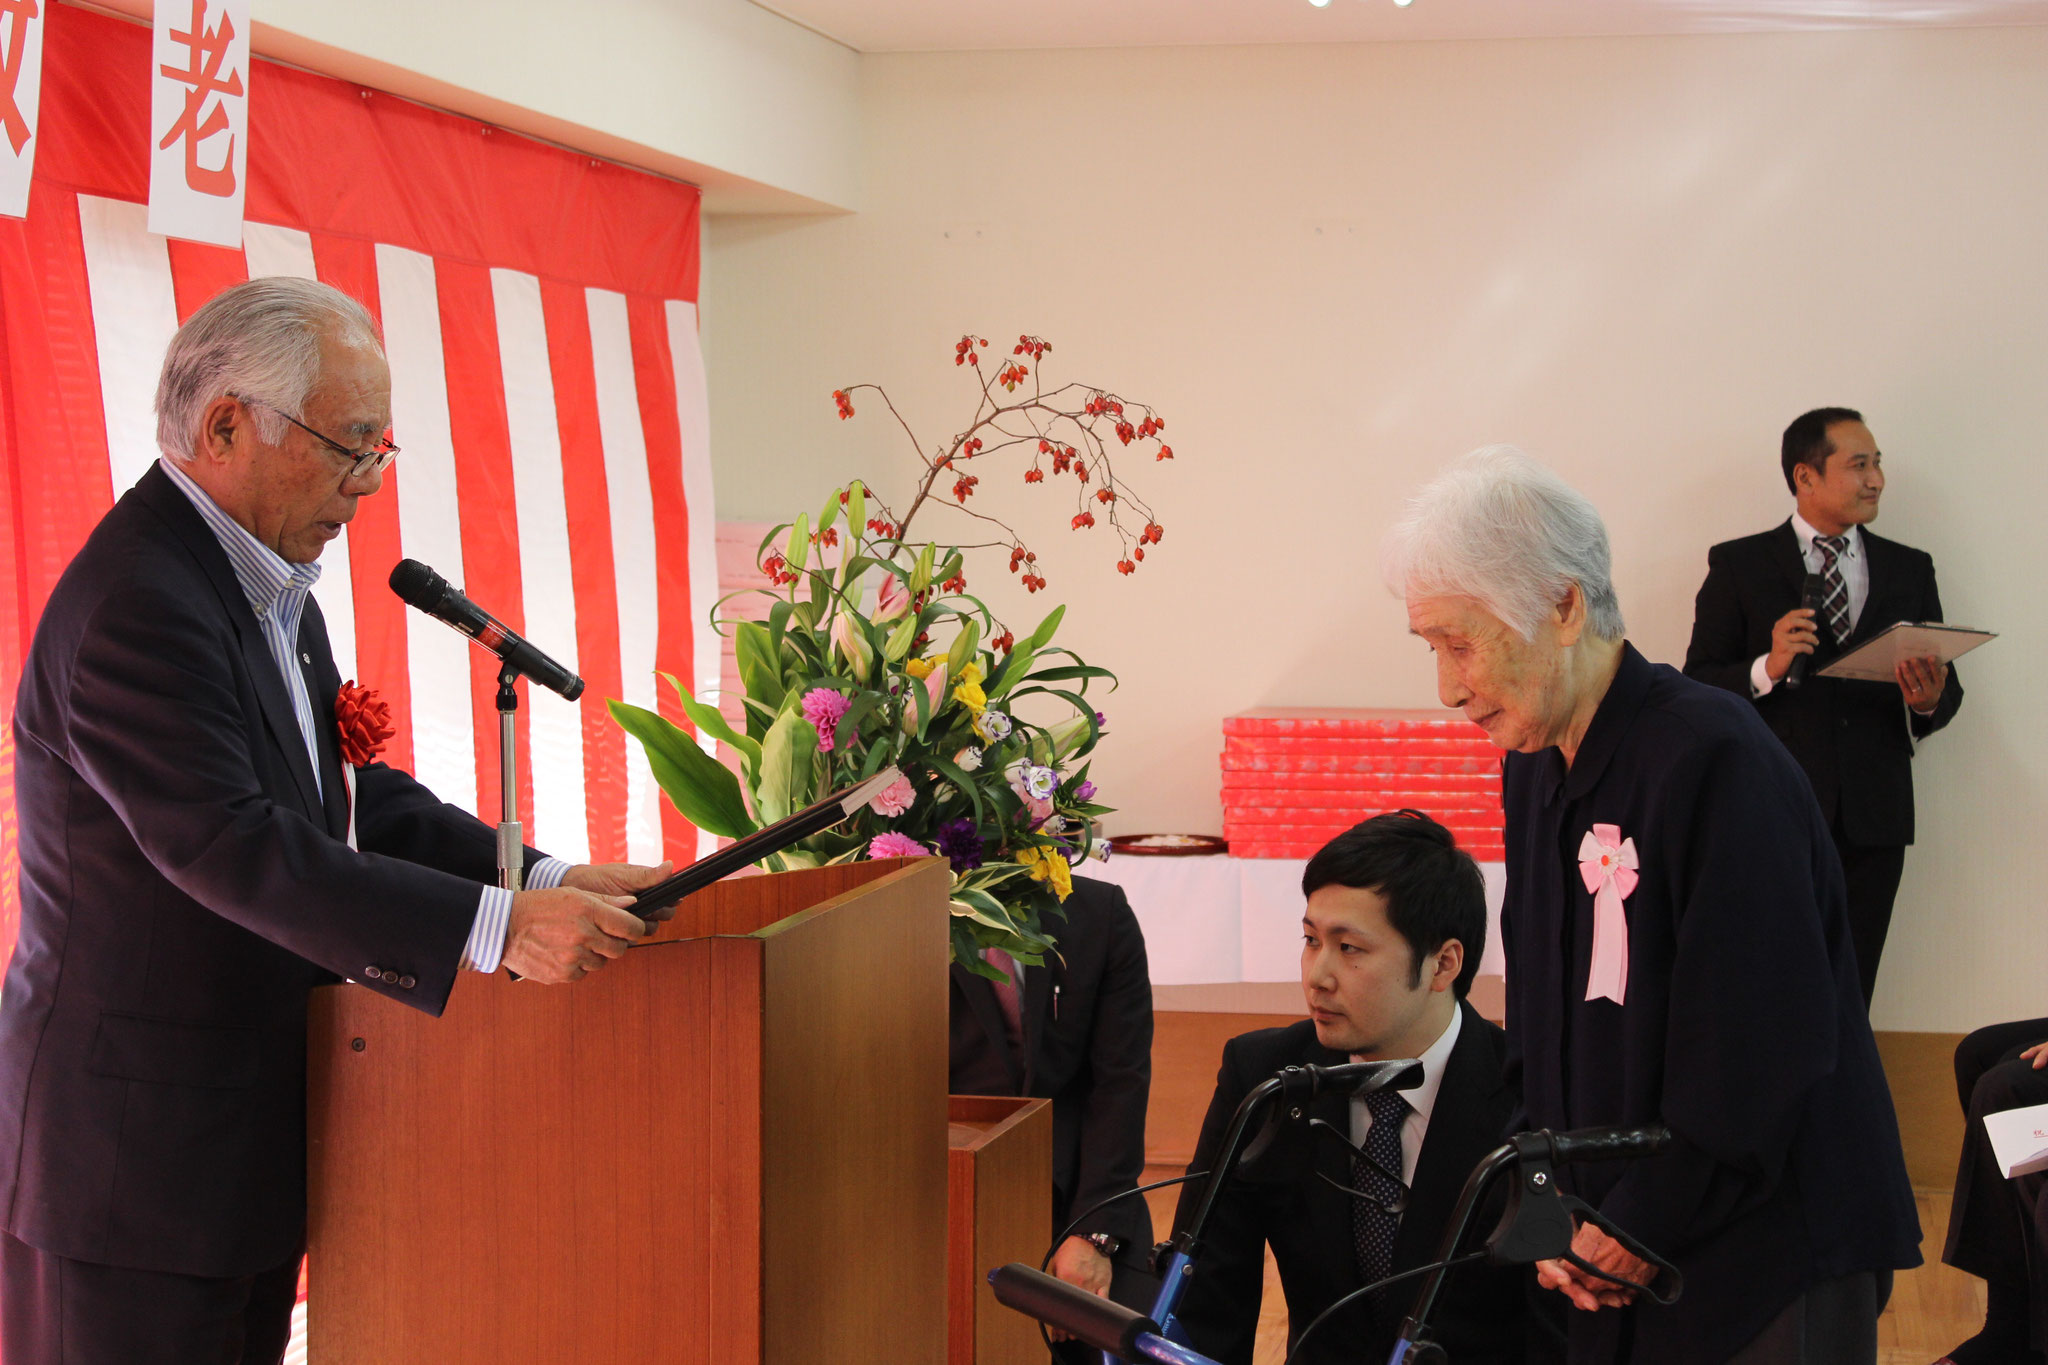 100歳を迎えられる田中喜久子様です。